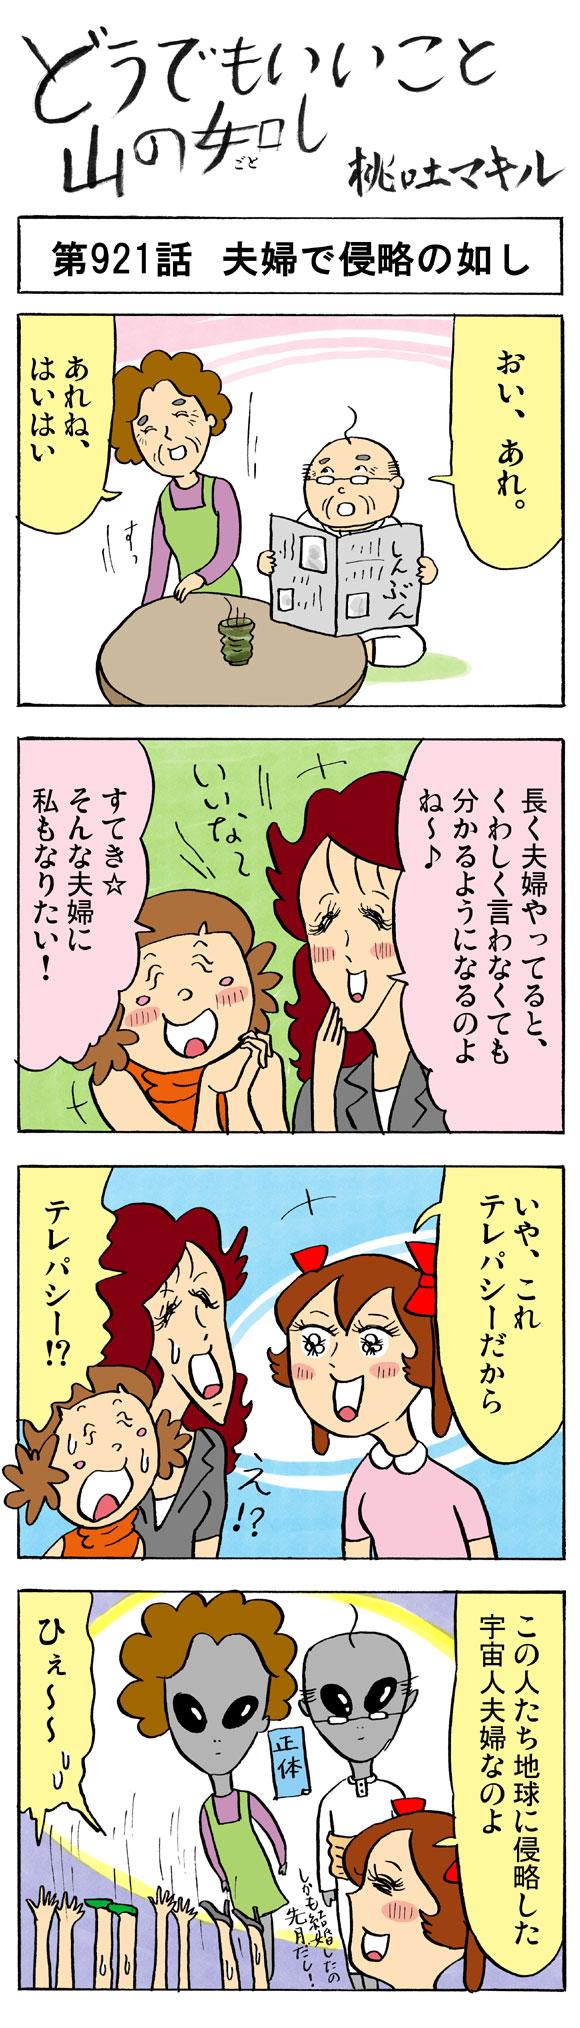 【4コマ】波平とフネ、宇宙人説